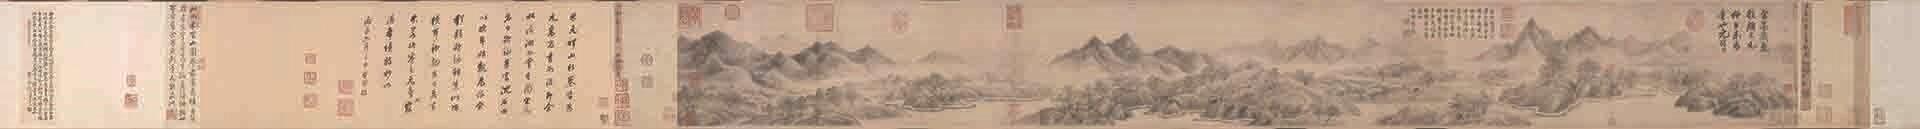 南宋 米友仁(传) 云山图卷(全卷)纸本21.4x195.8克利夫兰美术馆藏